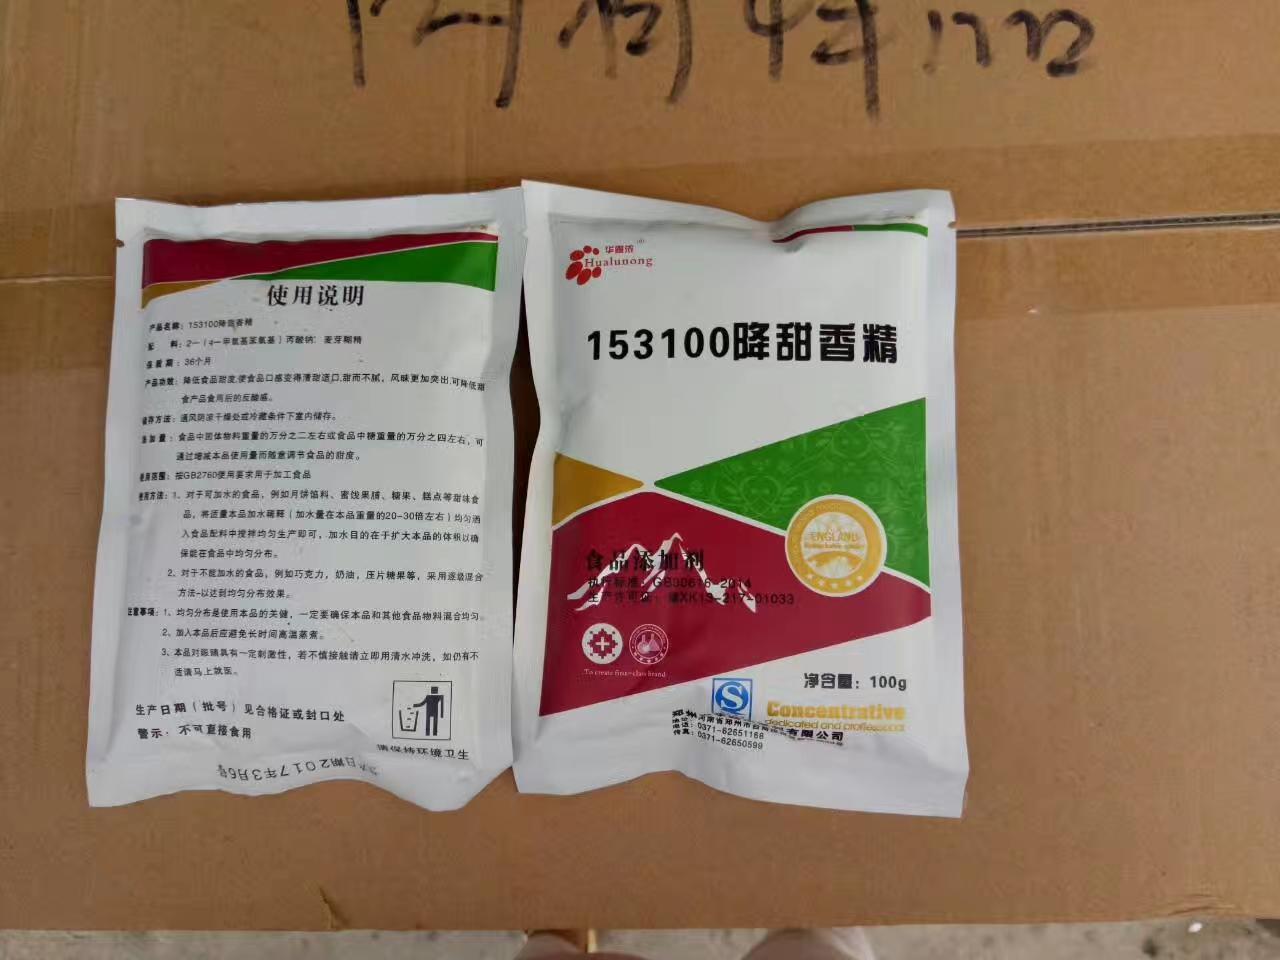 降甜香精生产厂家 153100降甜香精